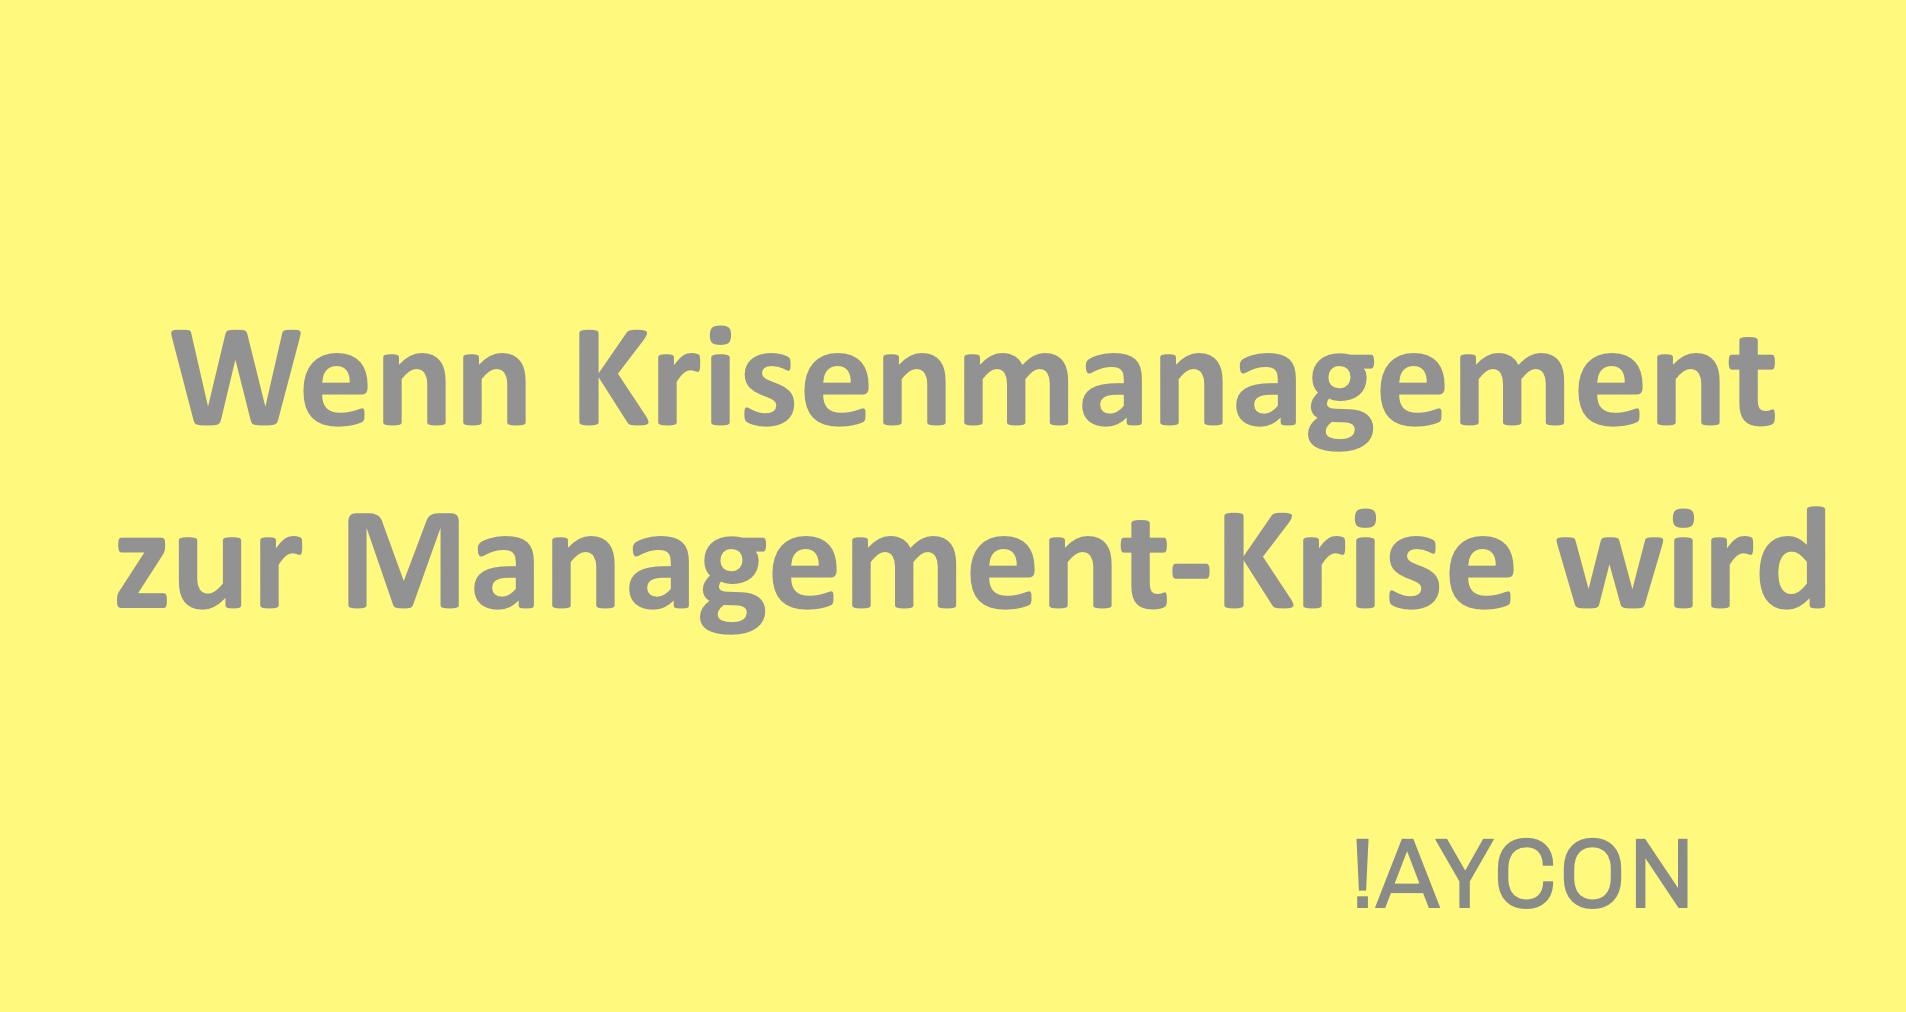 Wenn Krisenmanagement zur Management-Krise wird